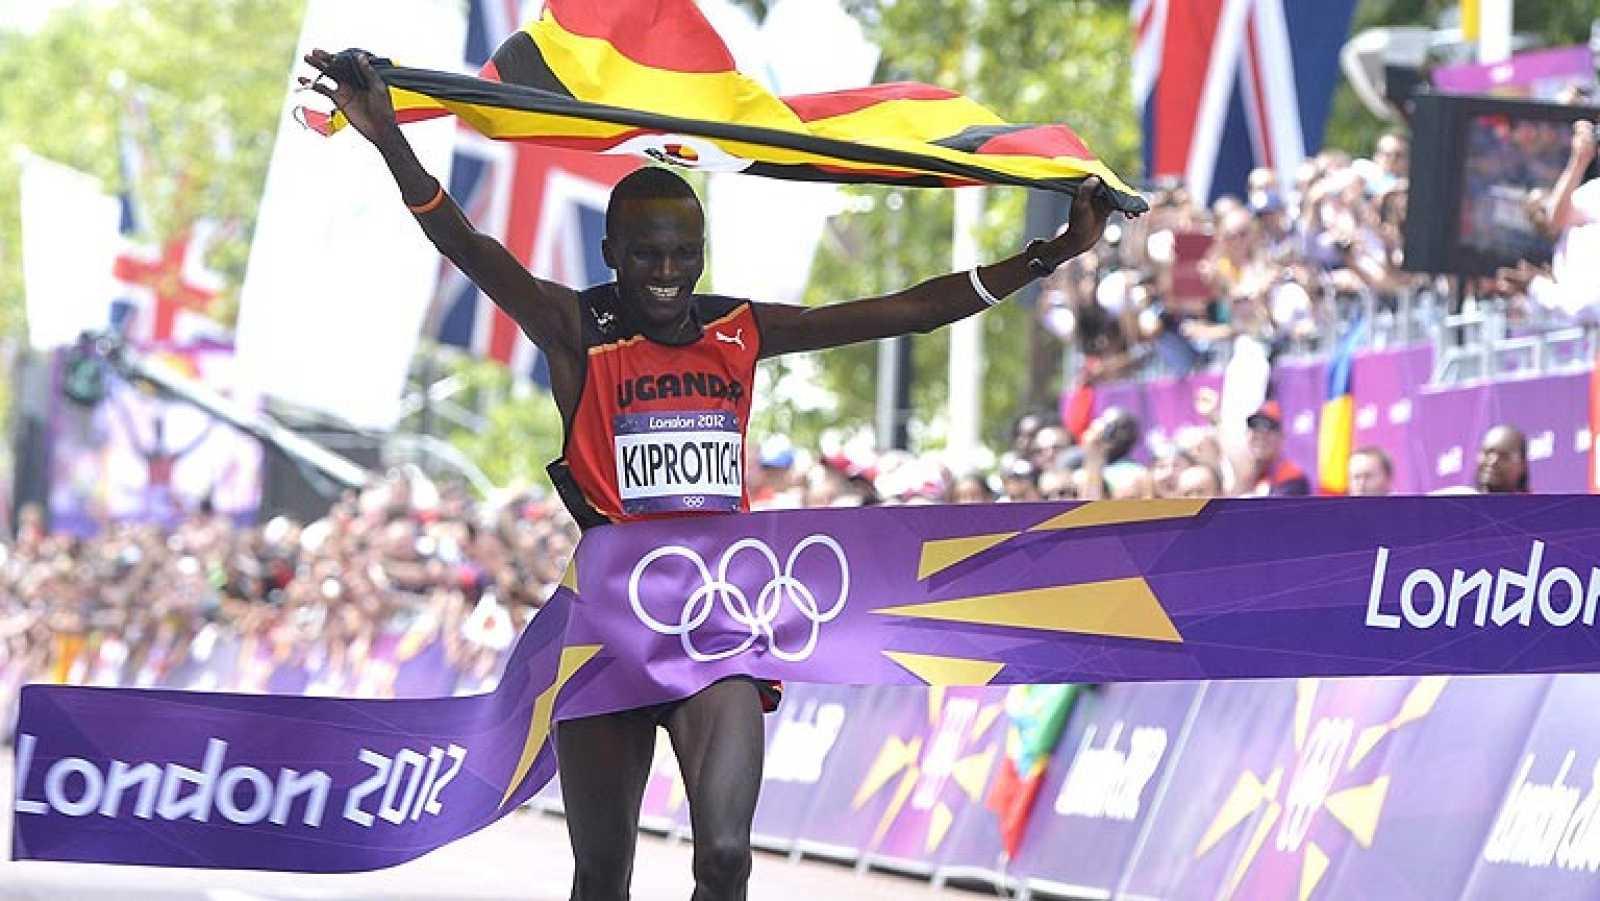 El ugandés Kiprotich se lleva el oro de la maratón en los Juegos de Londres